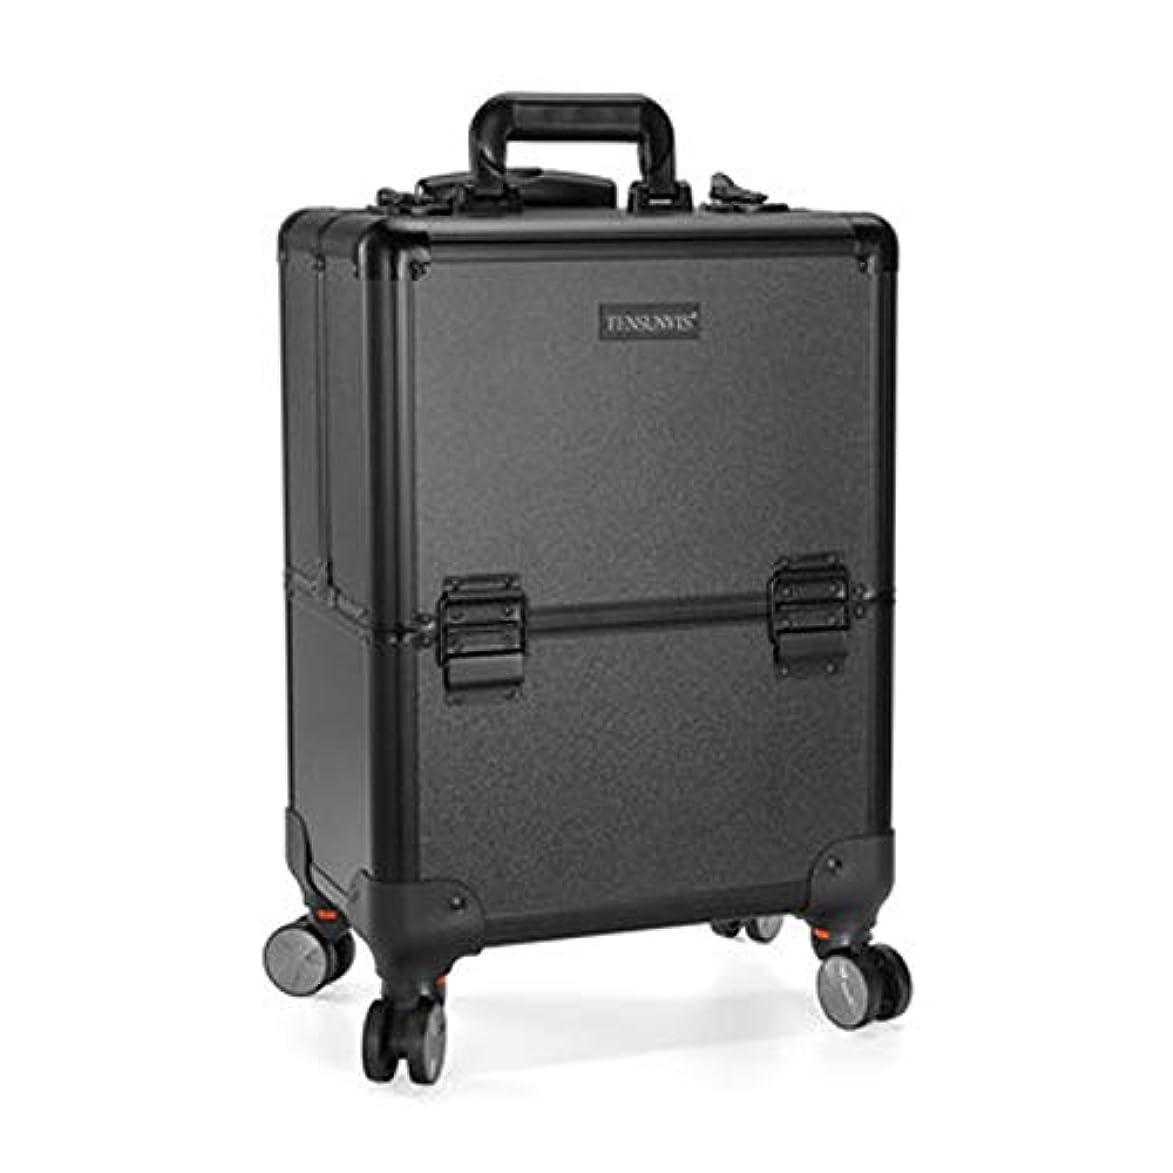 粒引き渡す未来プロ専用 美容師 クローゼット スーツケース メイクボックス キャリーバッグ ヘアメイク プロ 大容量 軽量 高品質 多機能 I-TT-317T-B